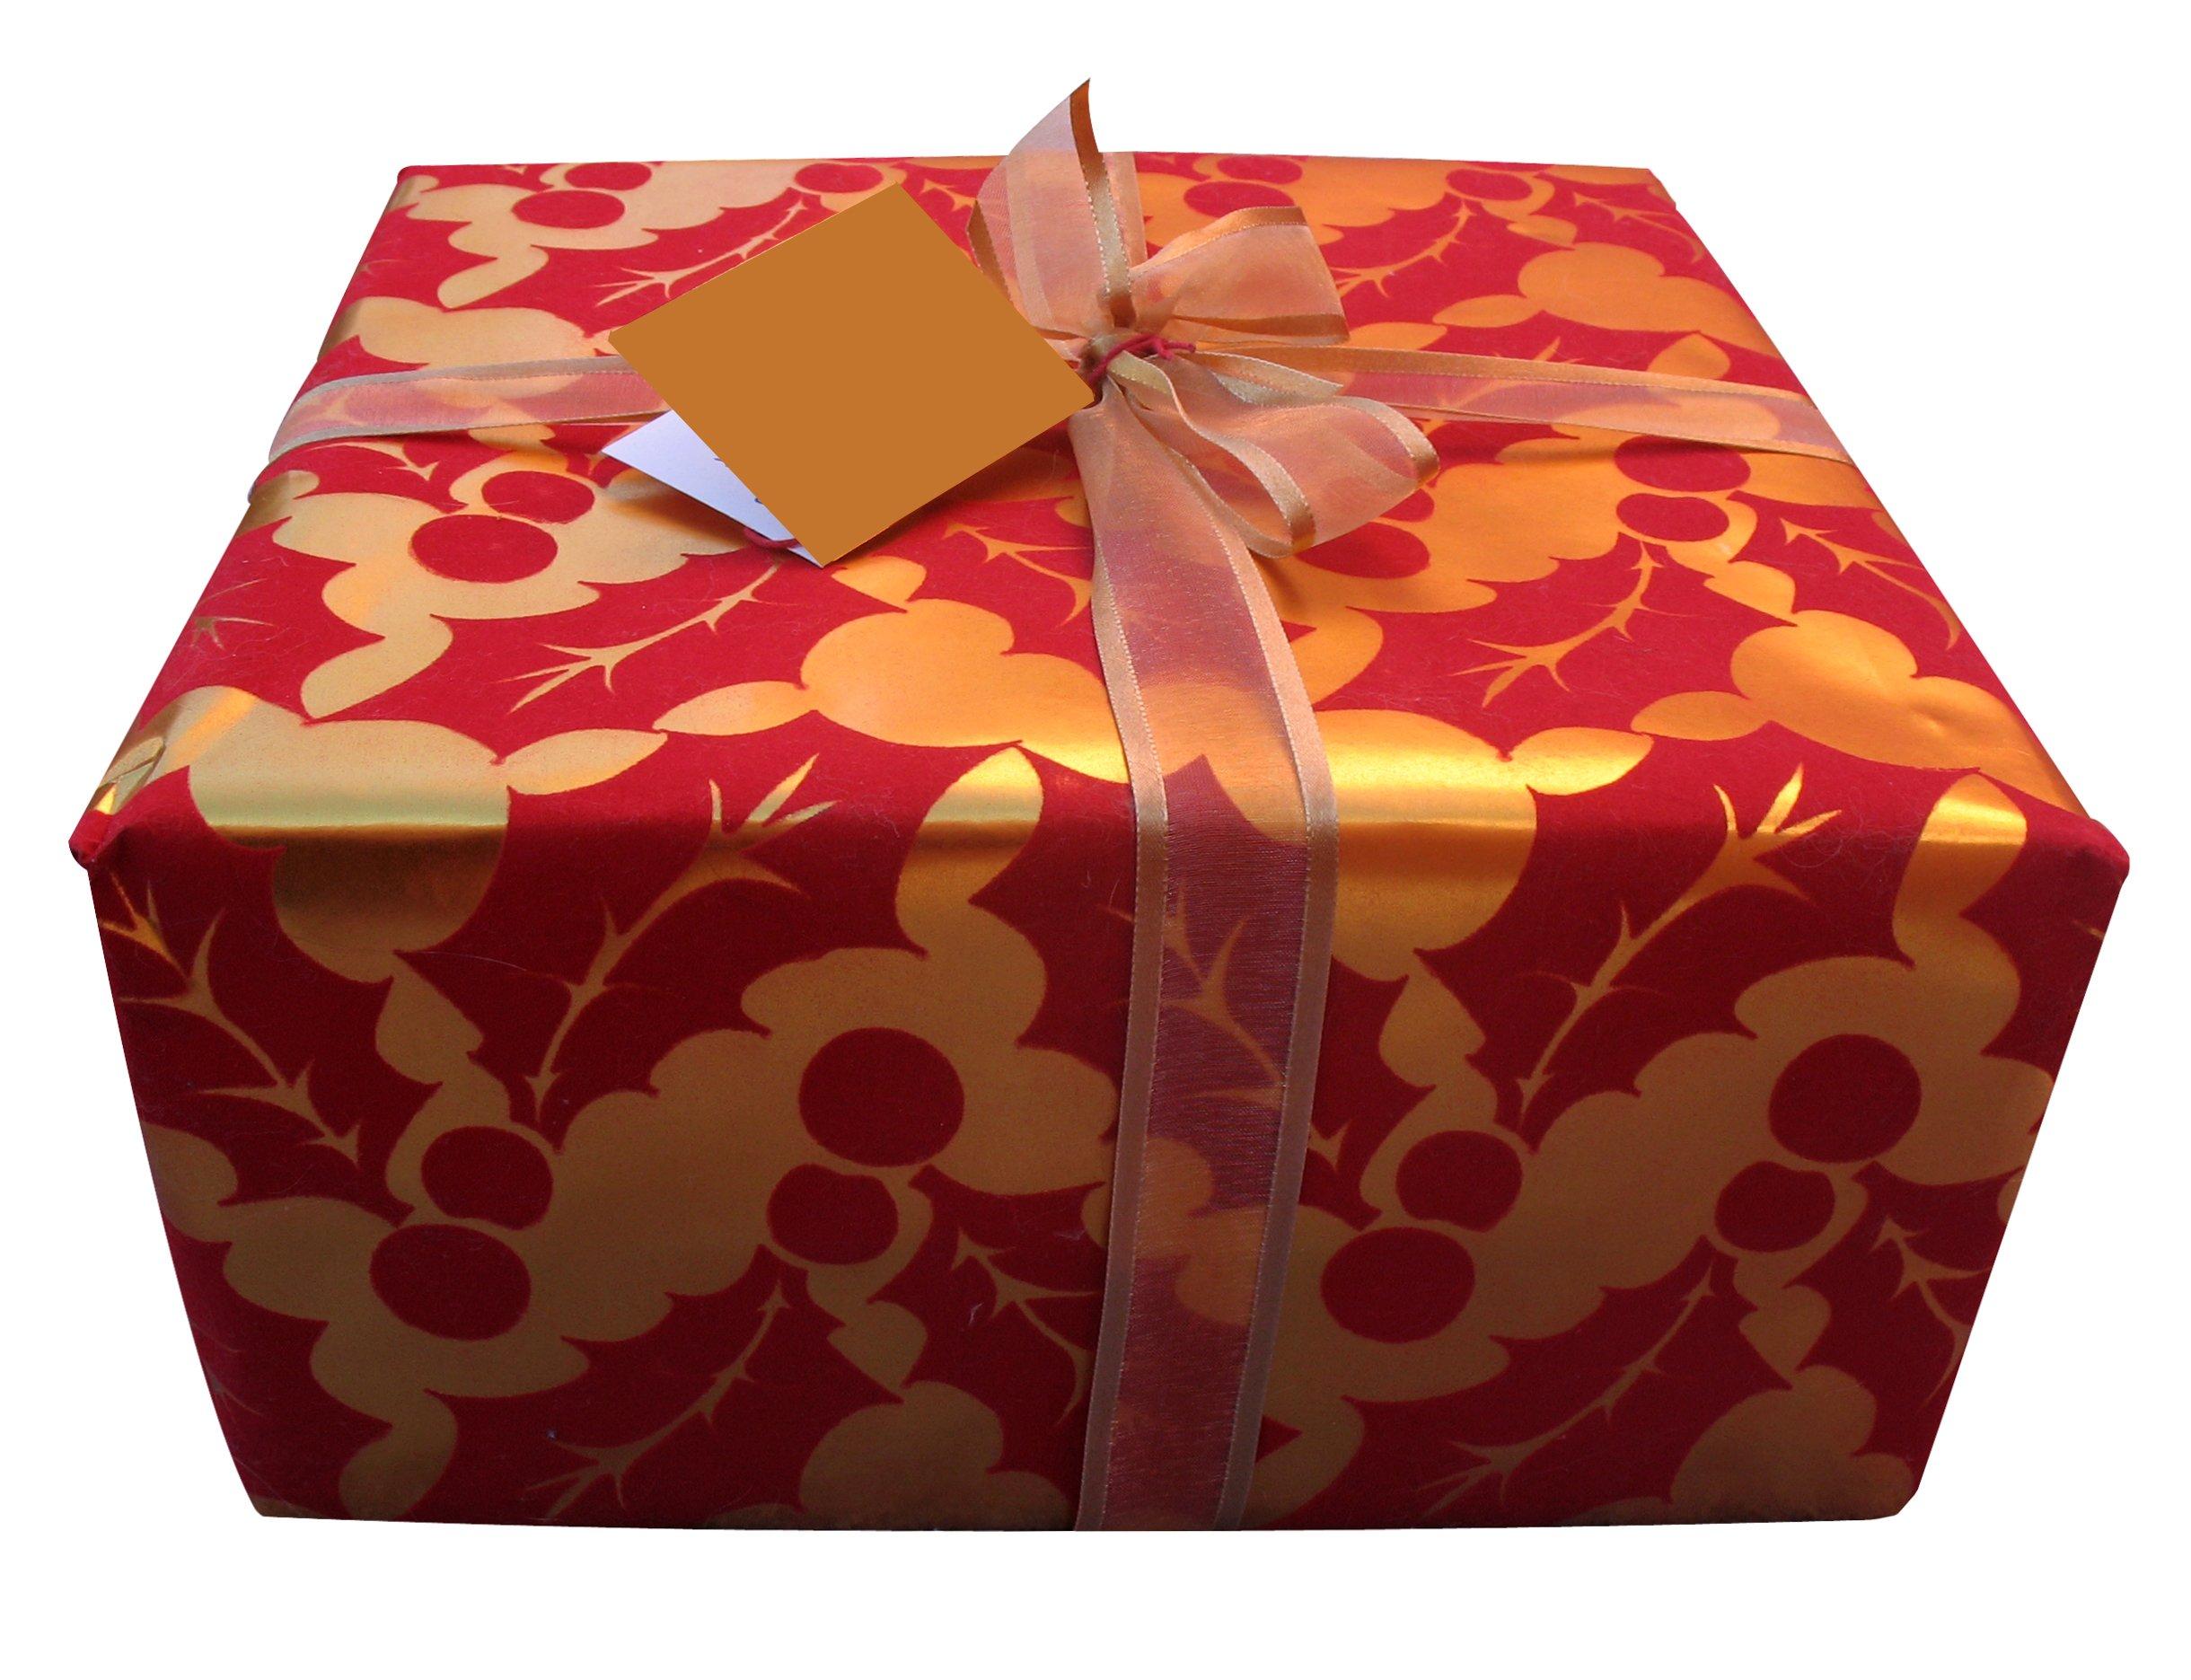 Christmas Gift | sxc.hu